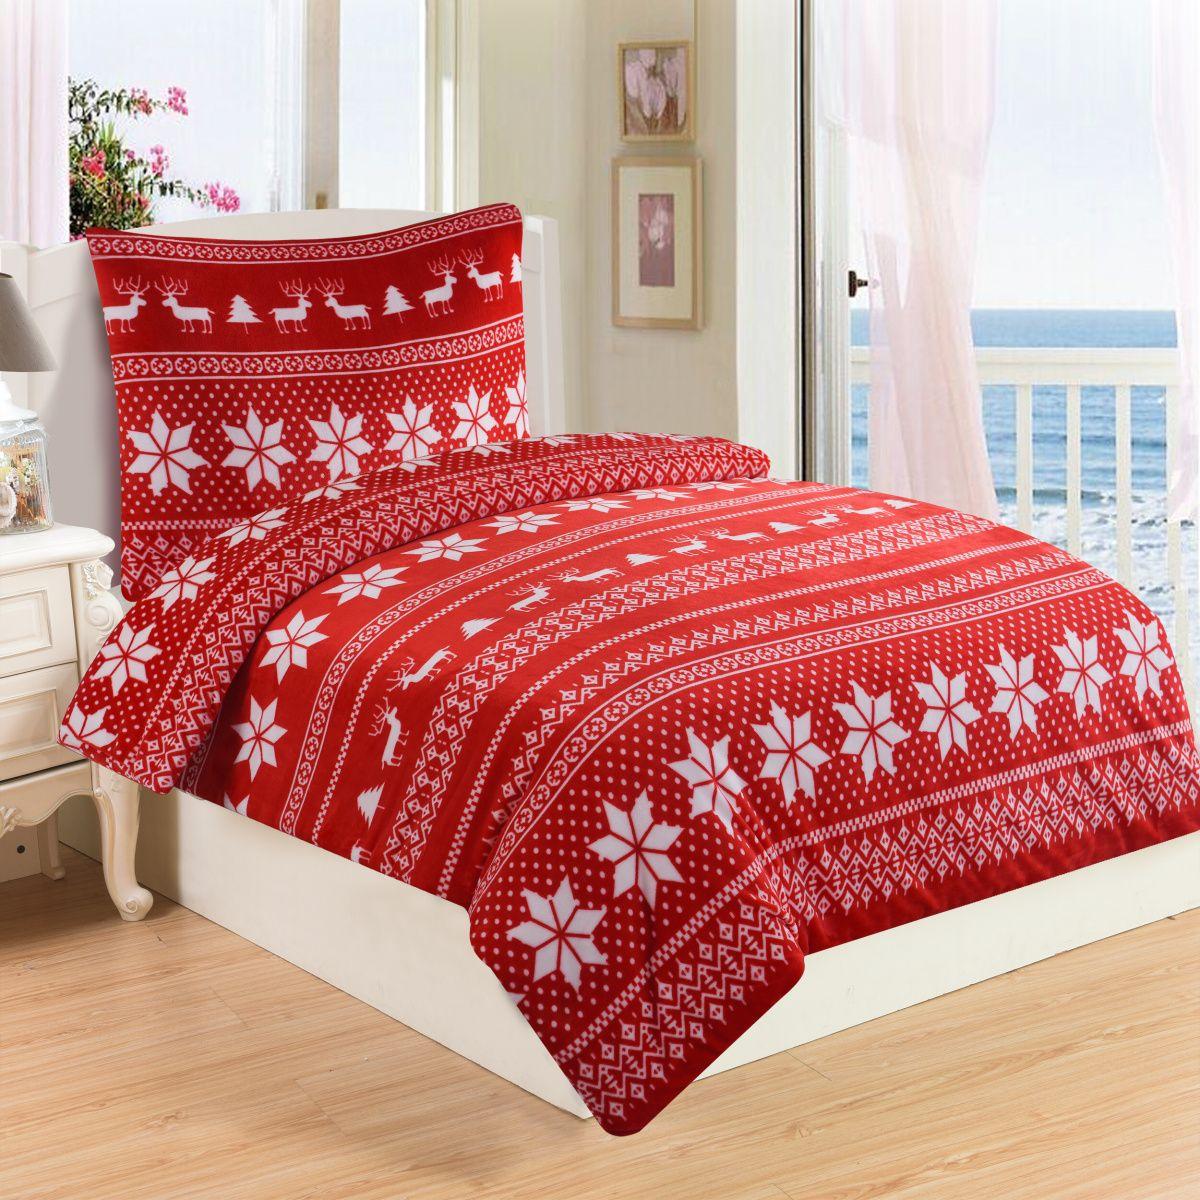 Vánoční povlečení mikroflanel Winter v červené barvě s motivem vloček a sobů, Jahu